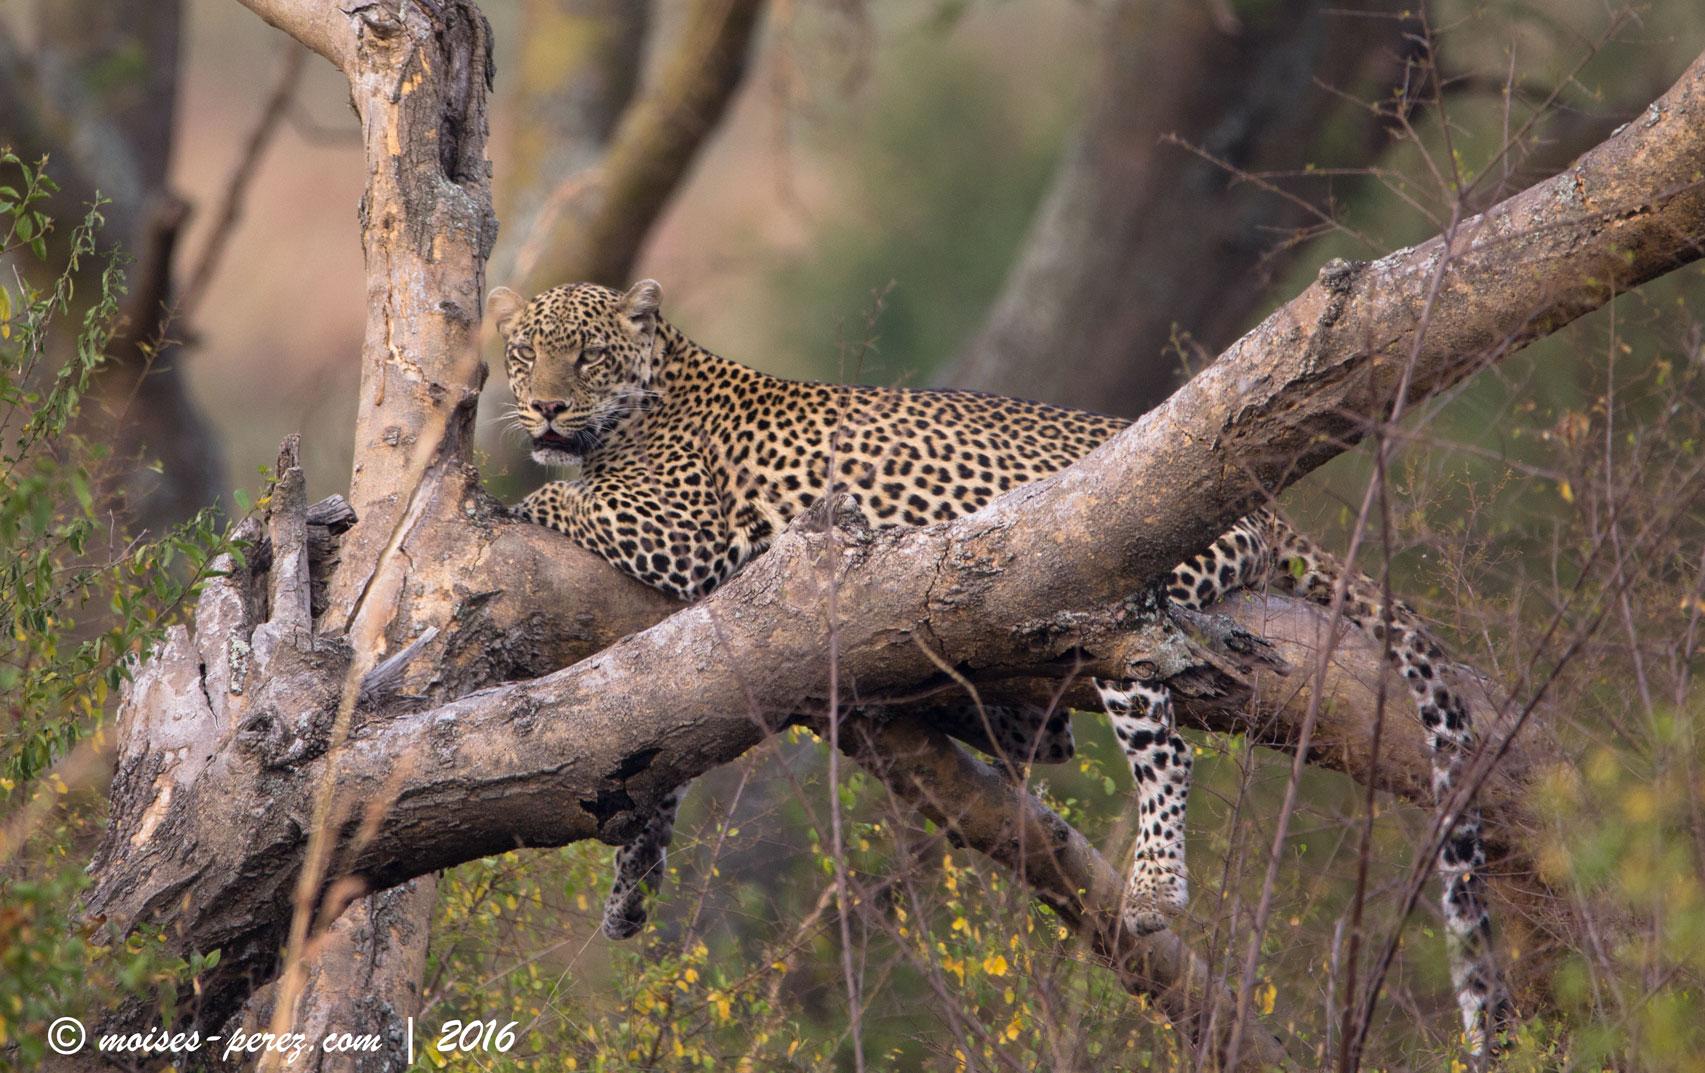 Leopard in Uganda